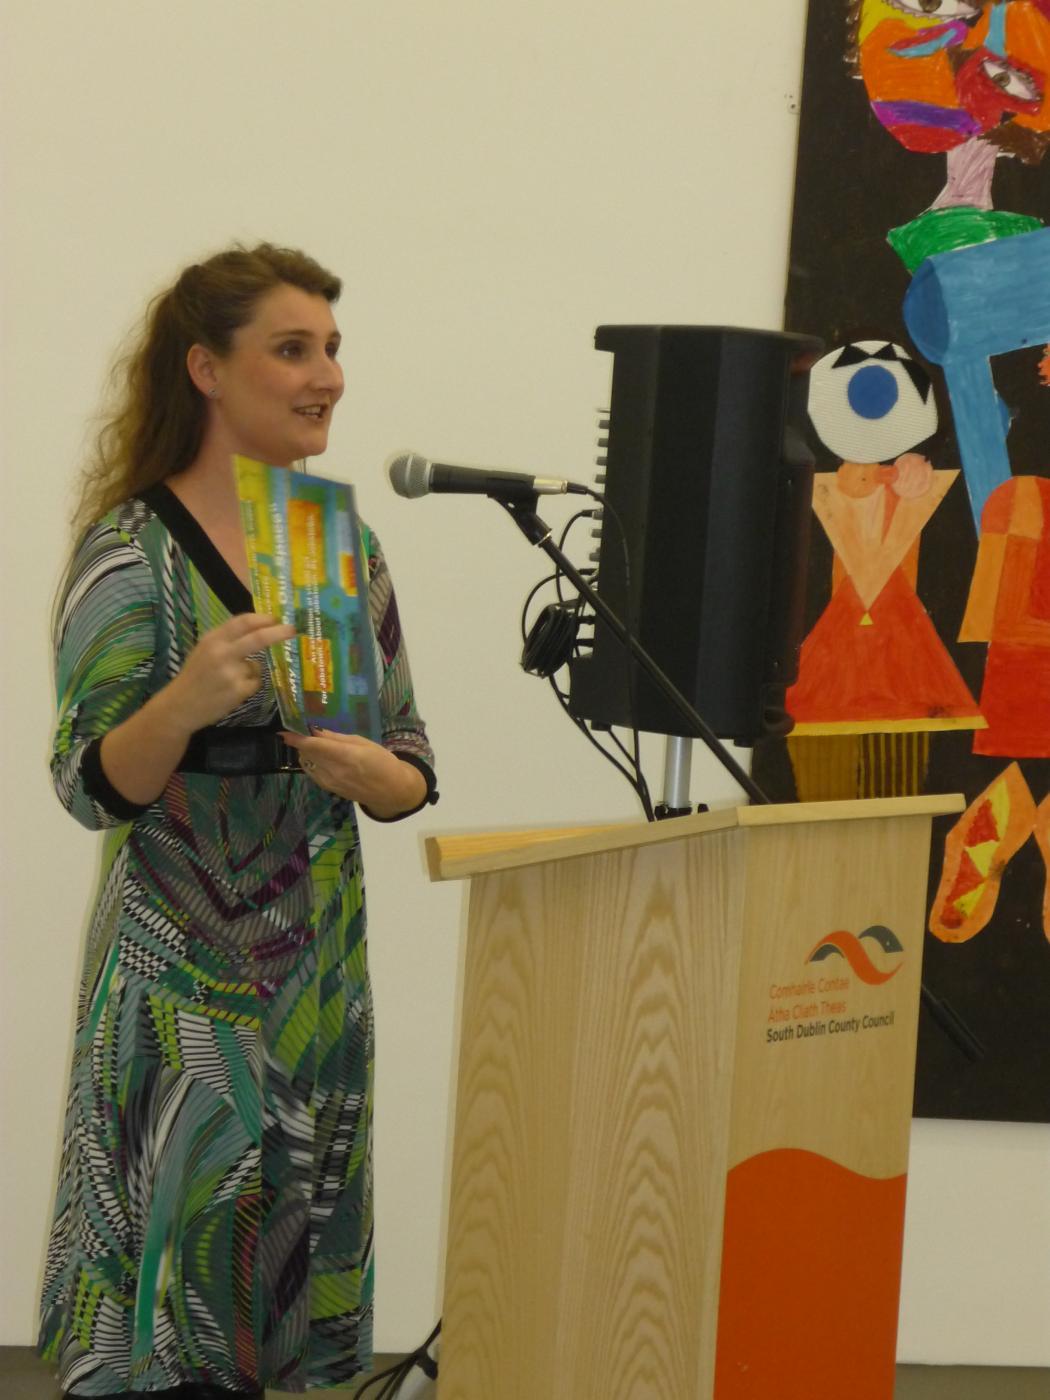 Annette Woolley